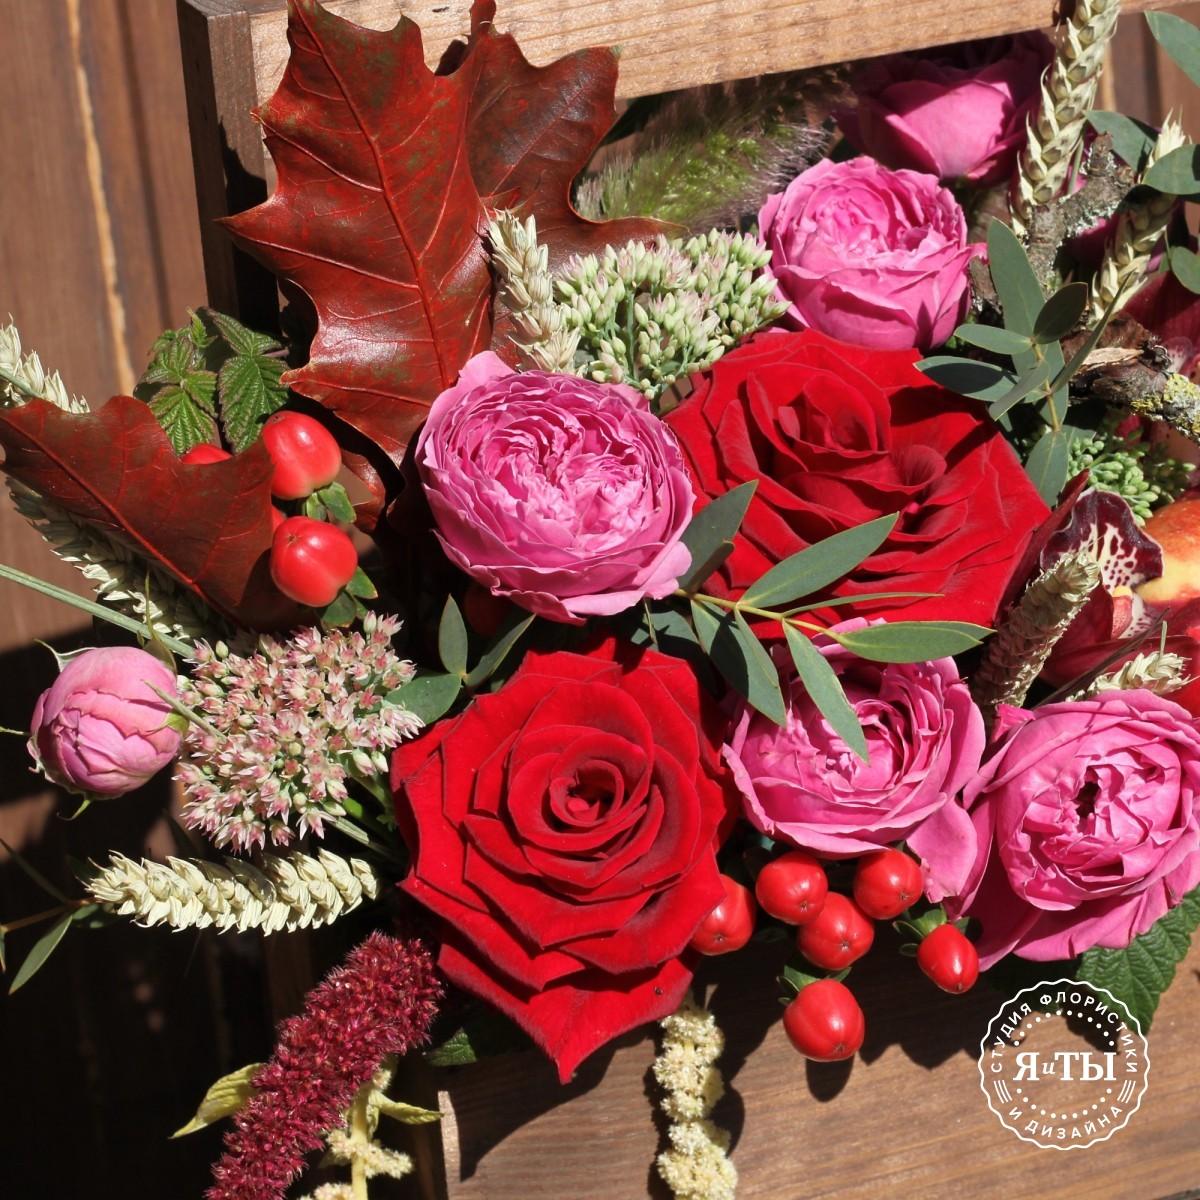 Деревянный ящик с вином и цветами